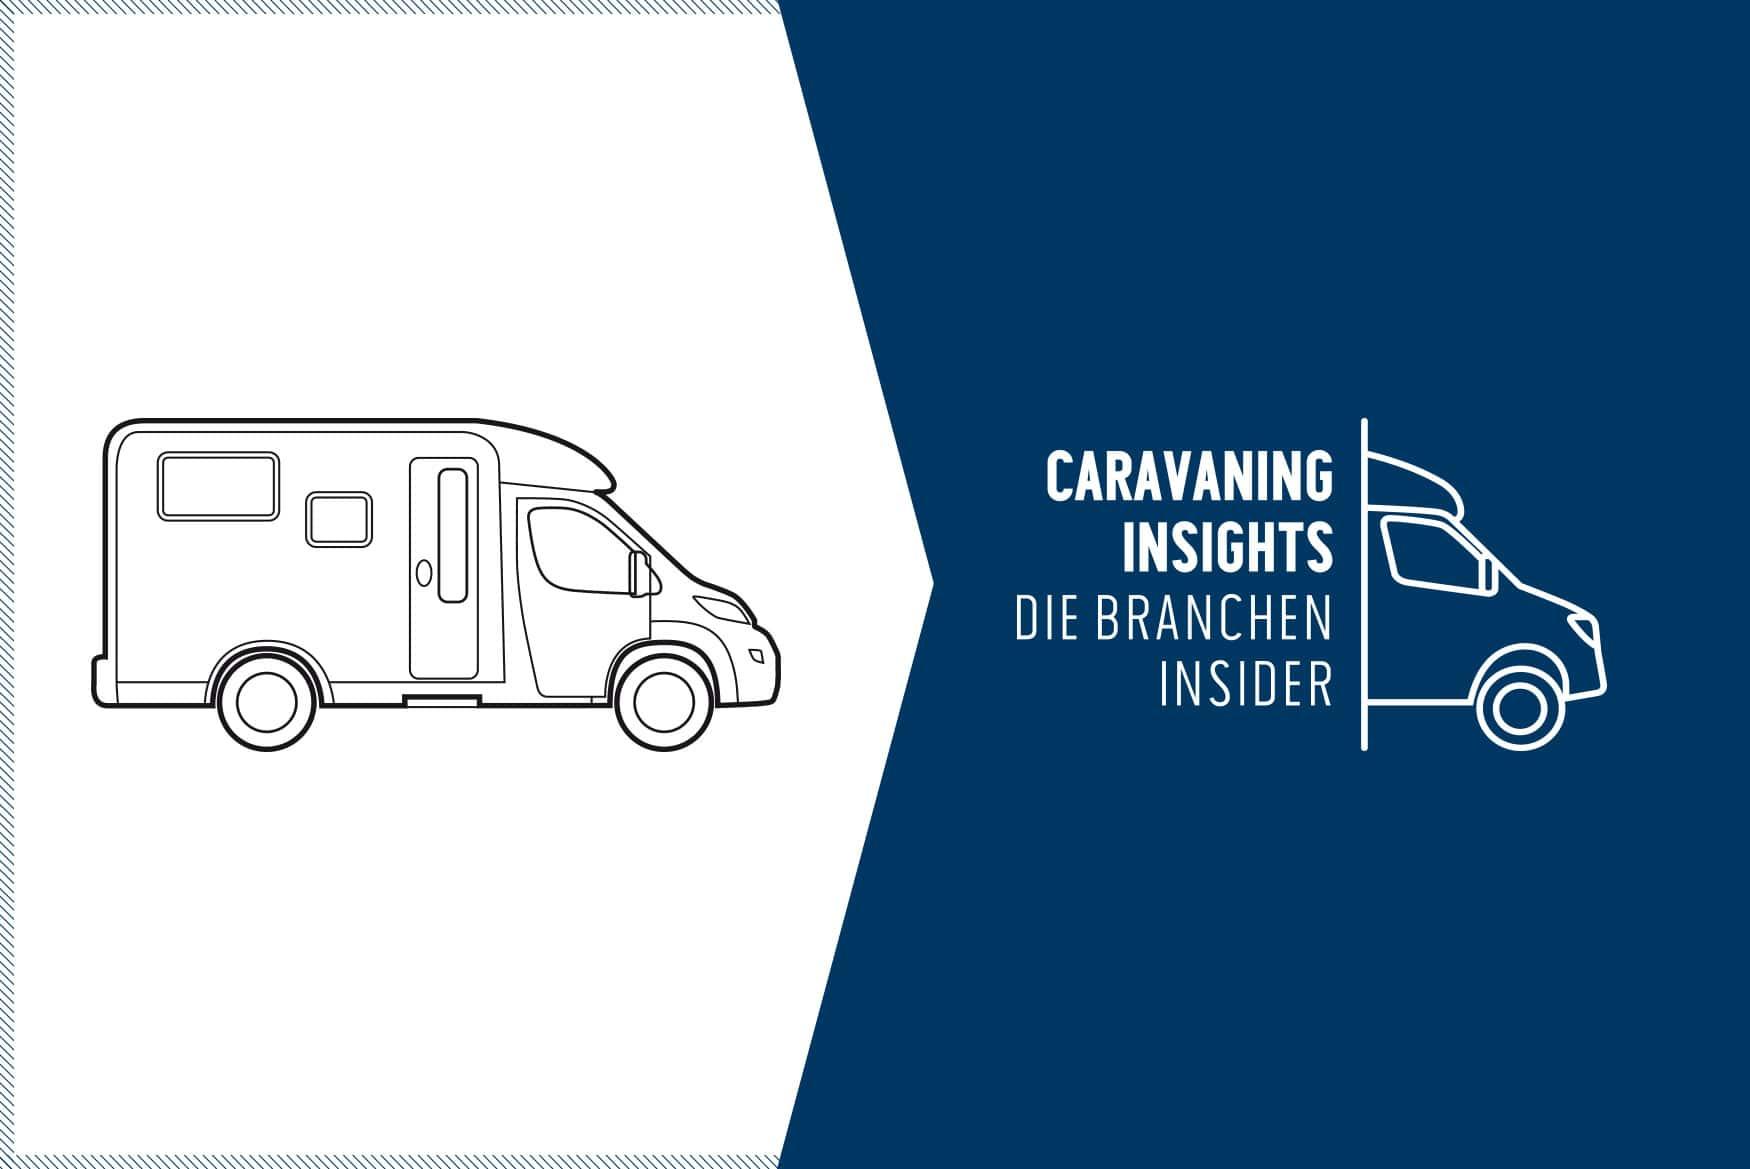 Designagentur-Stuttgart-Kreativbetrieb-DoldeMedien-Corporate-Design-2.jpg